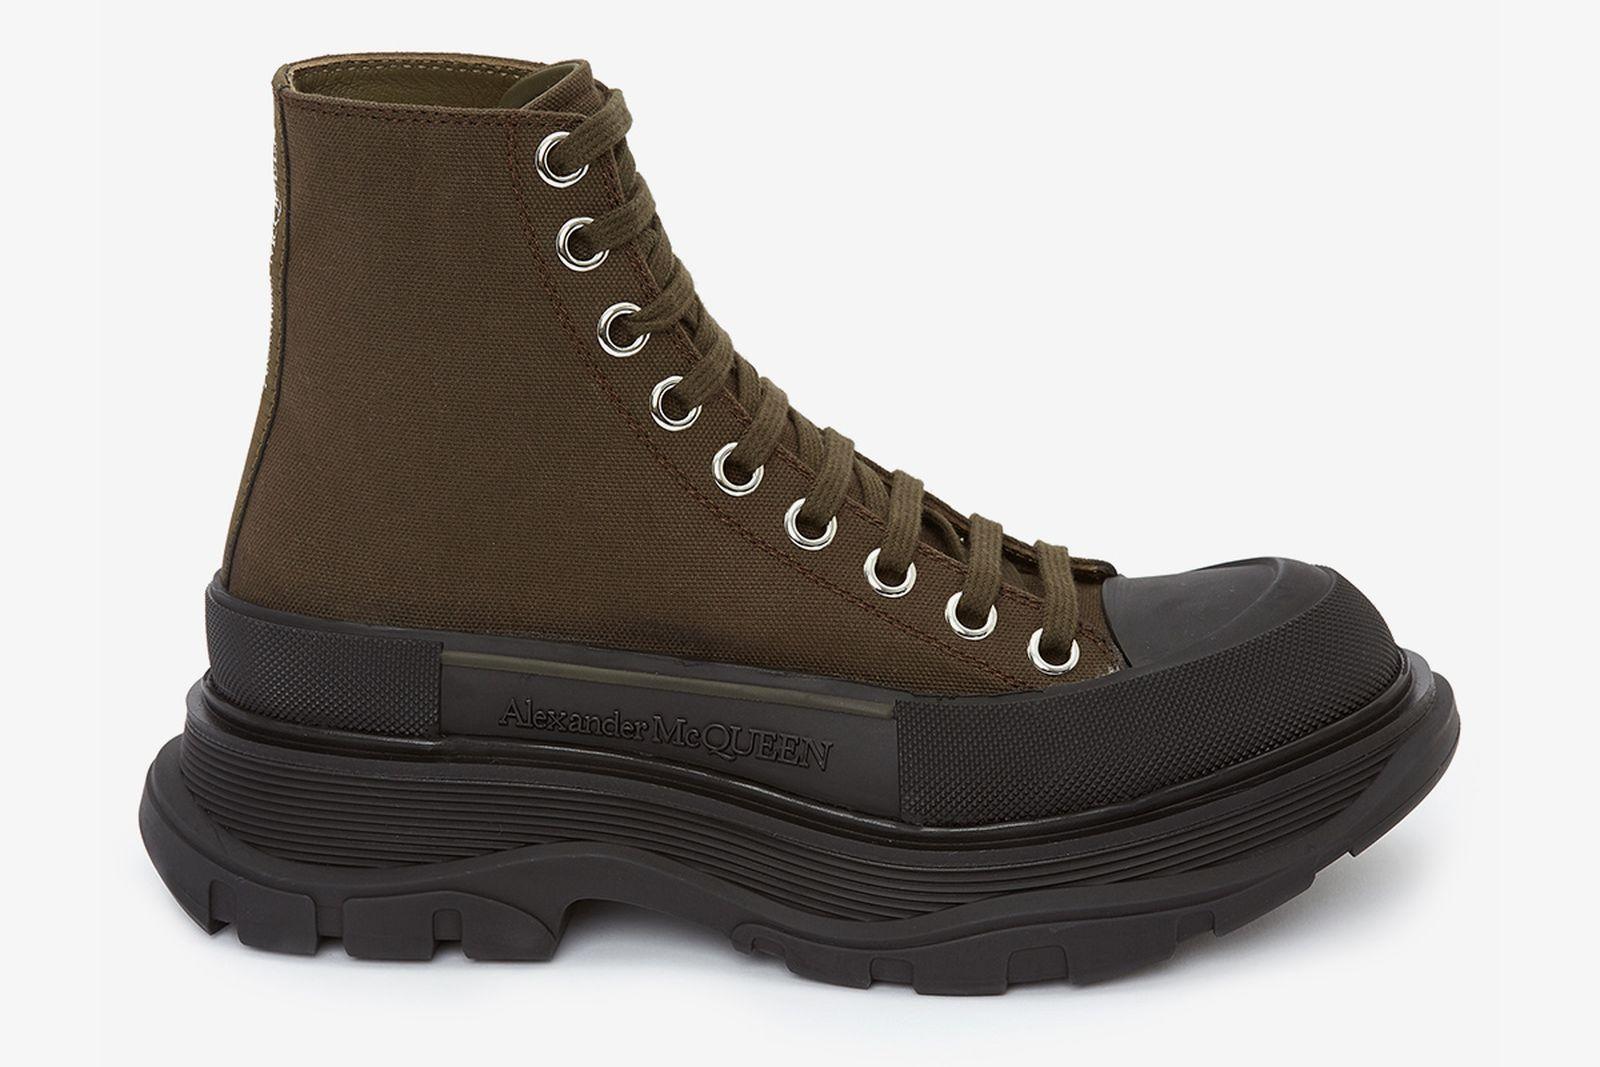 alexander-mcqueen-tread-slick-release-date-price-product-07